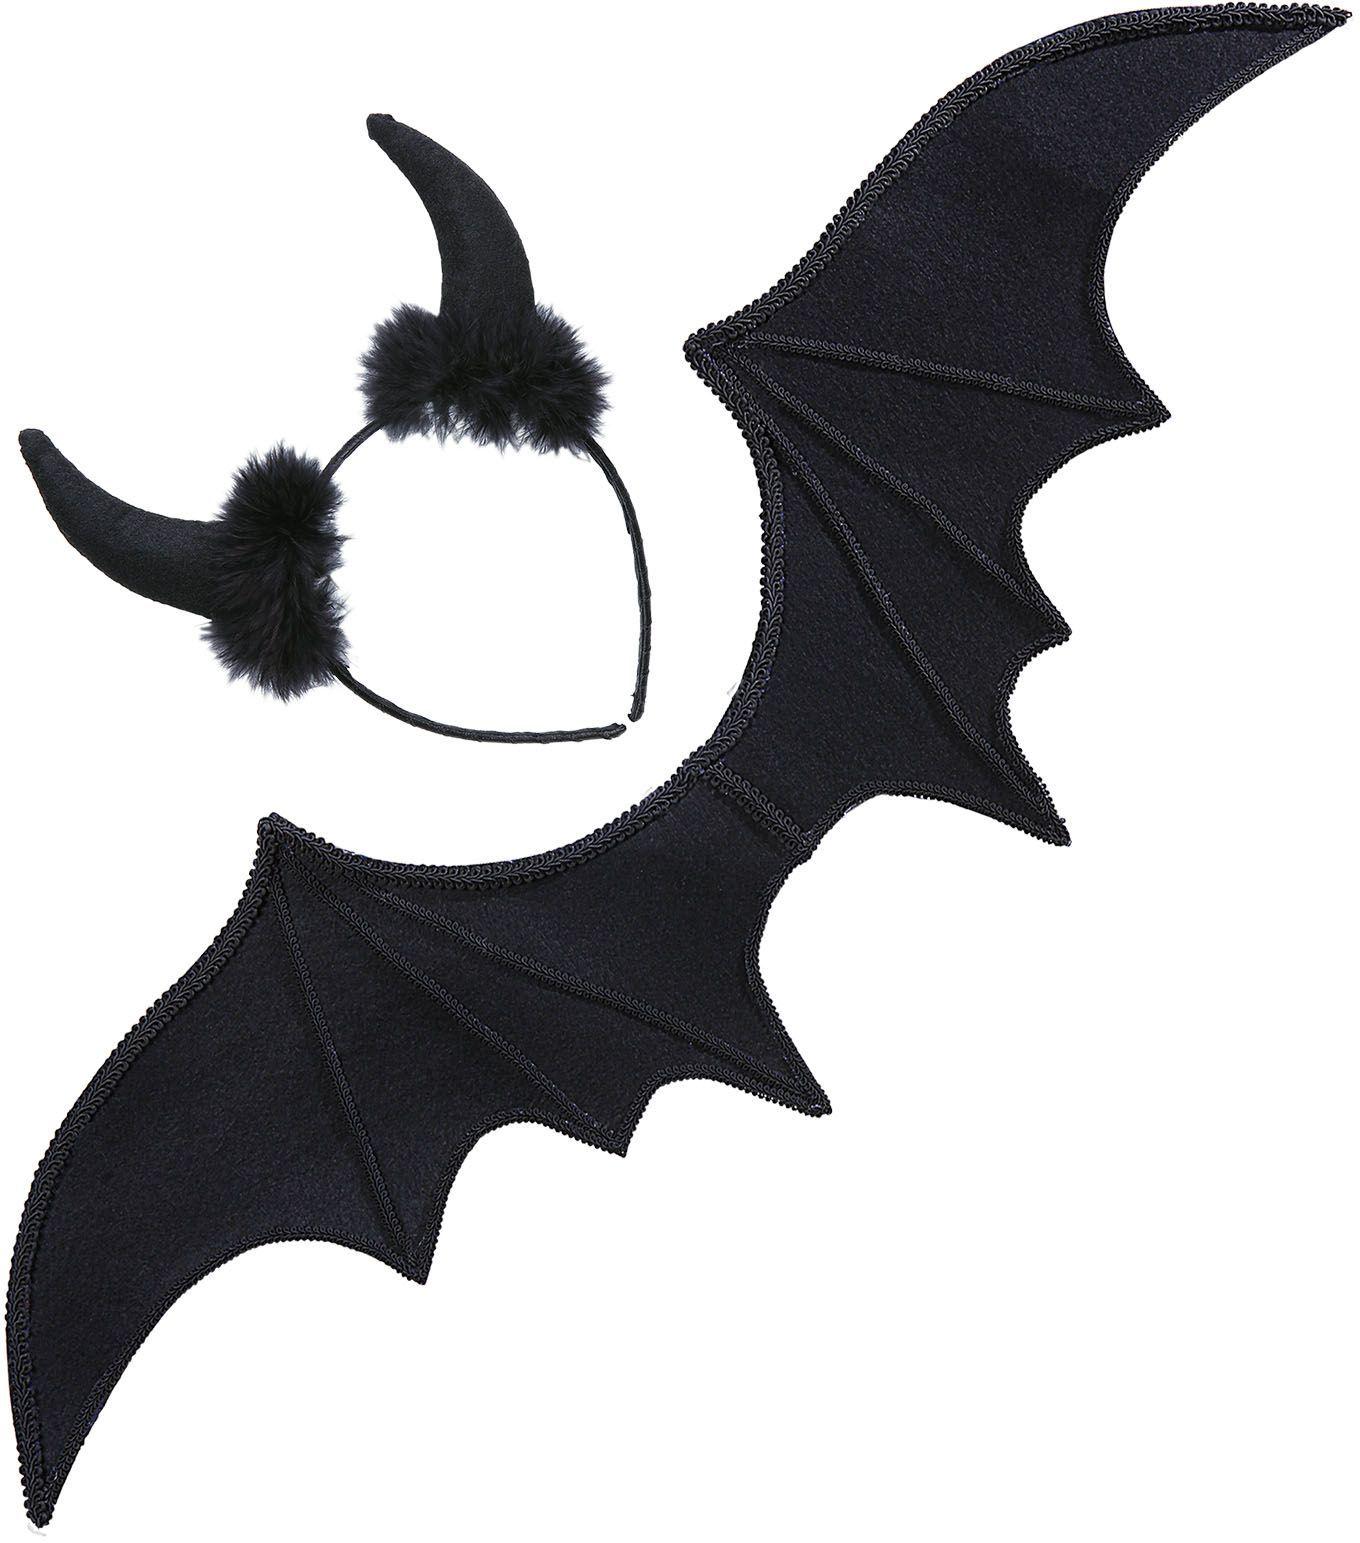 Zwarte duivel vleugels met oren